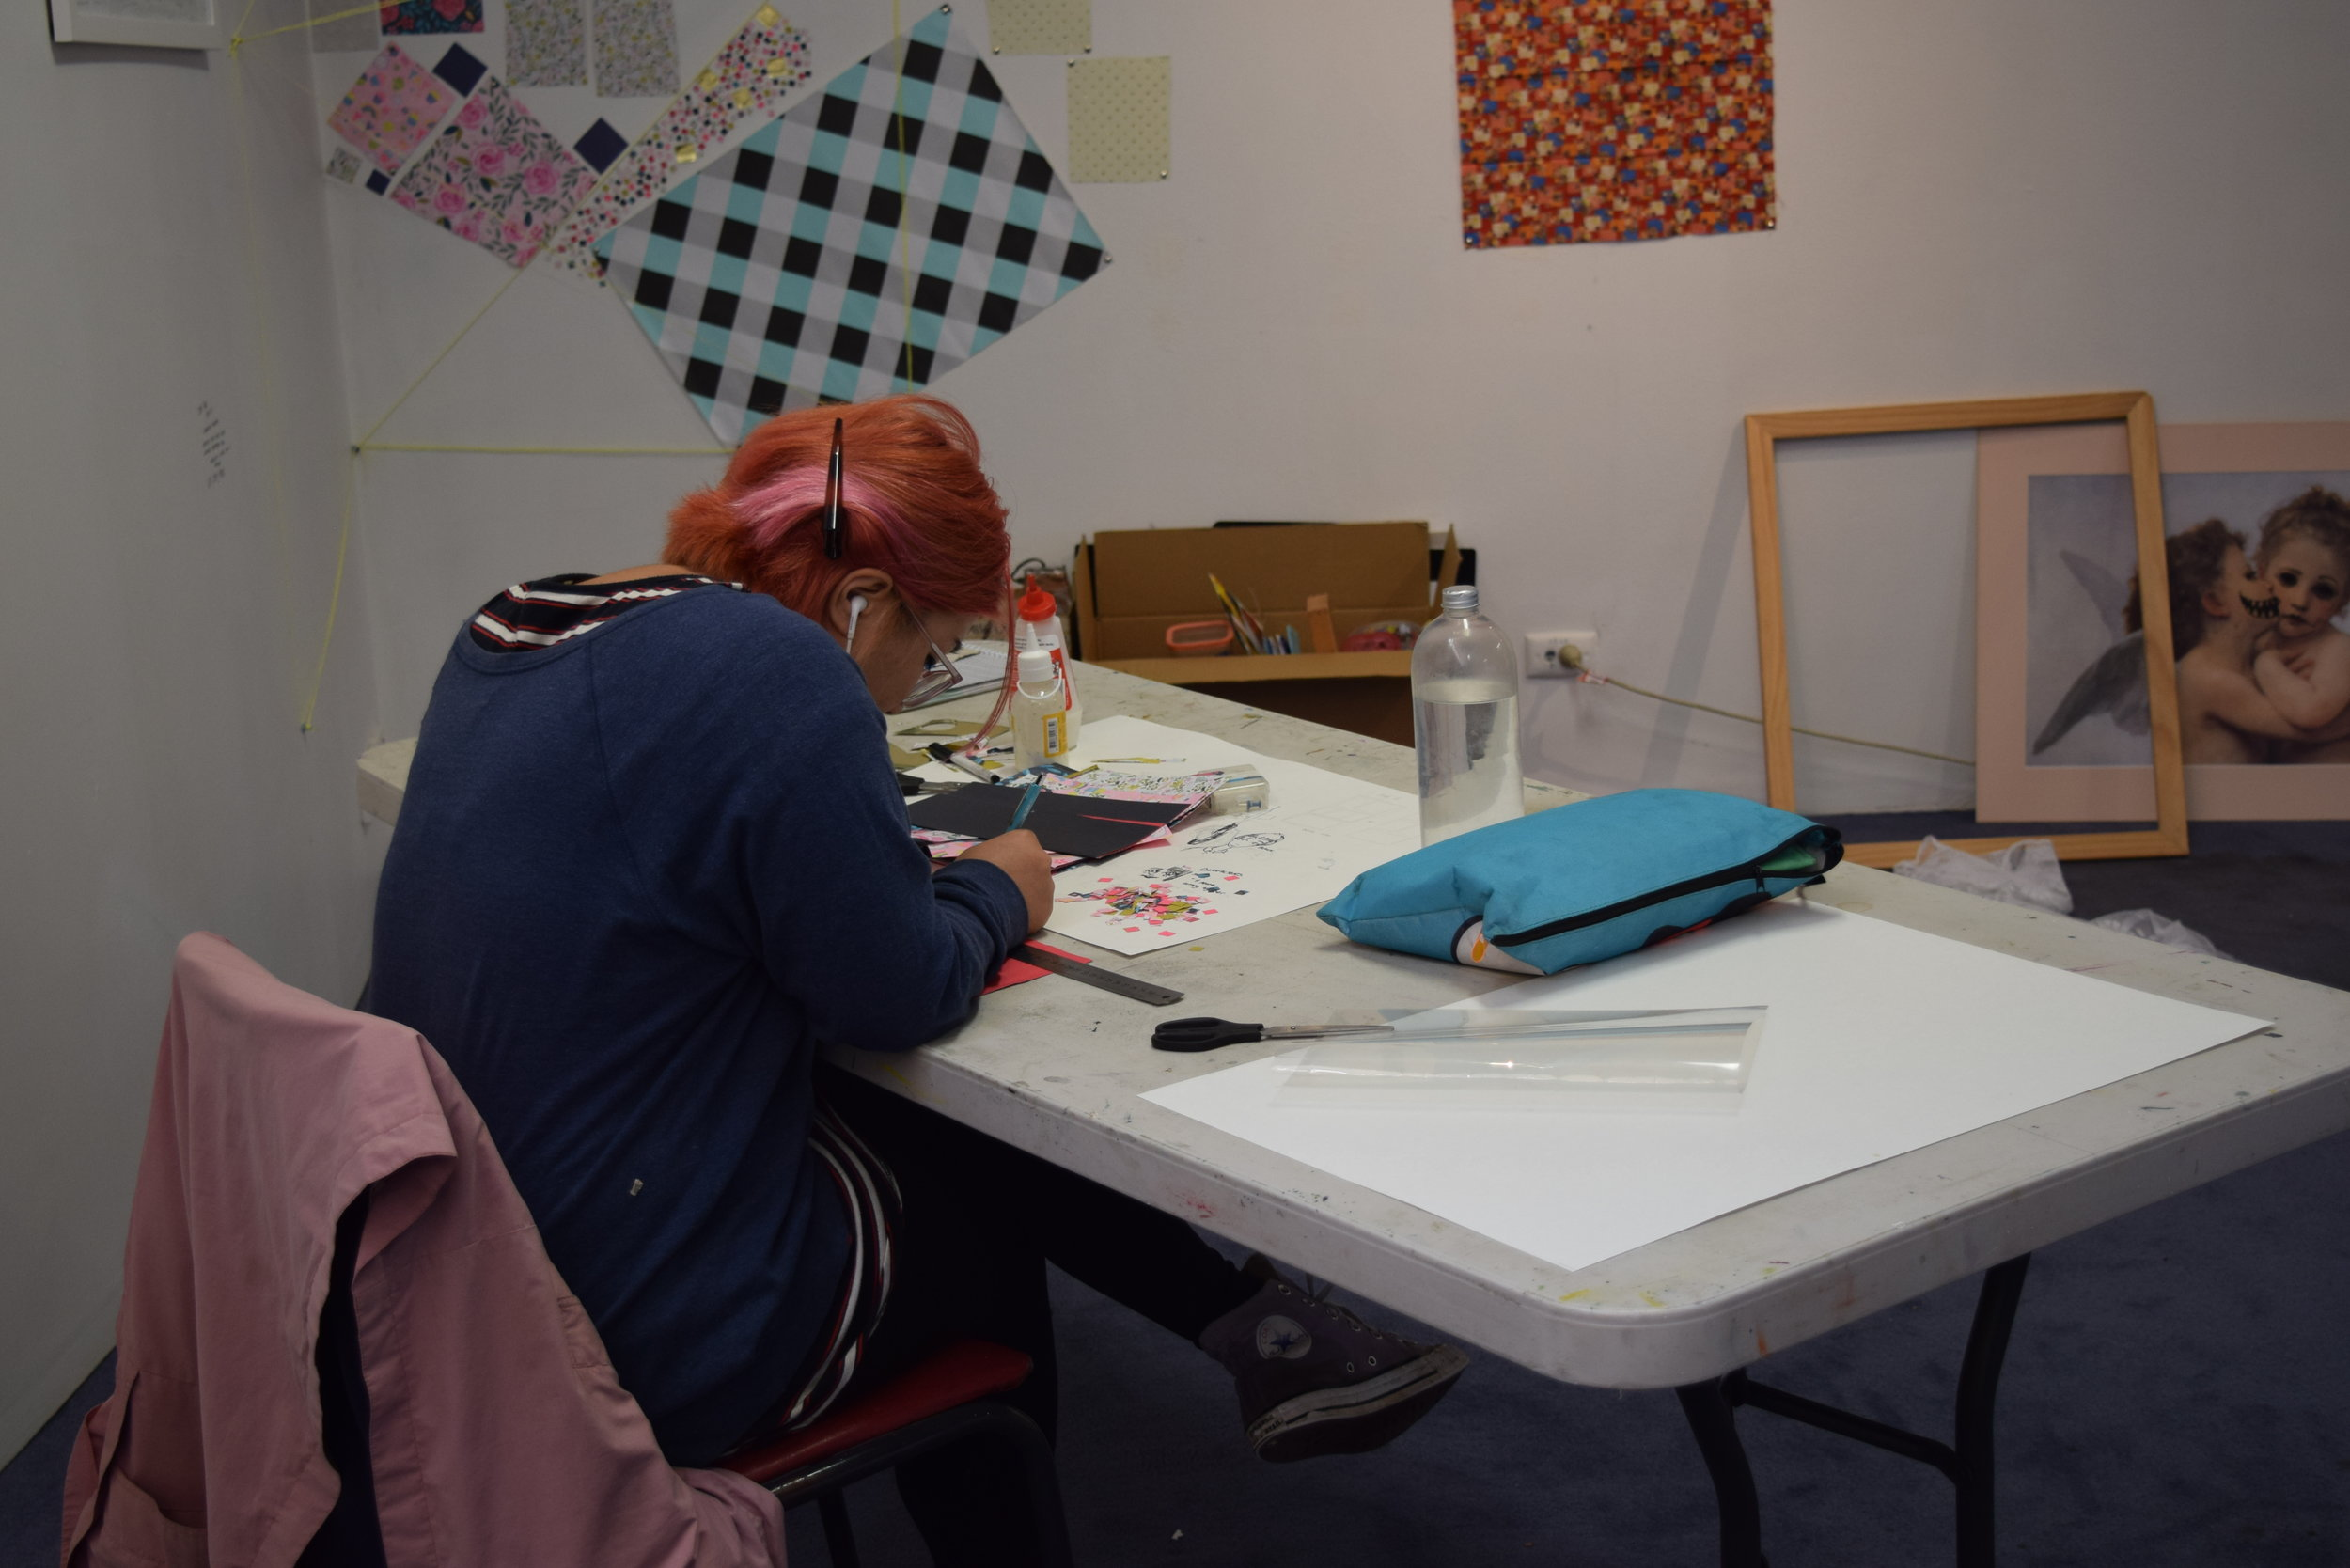 Artist Daisy Mak at work